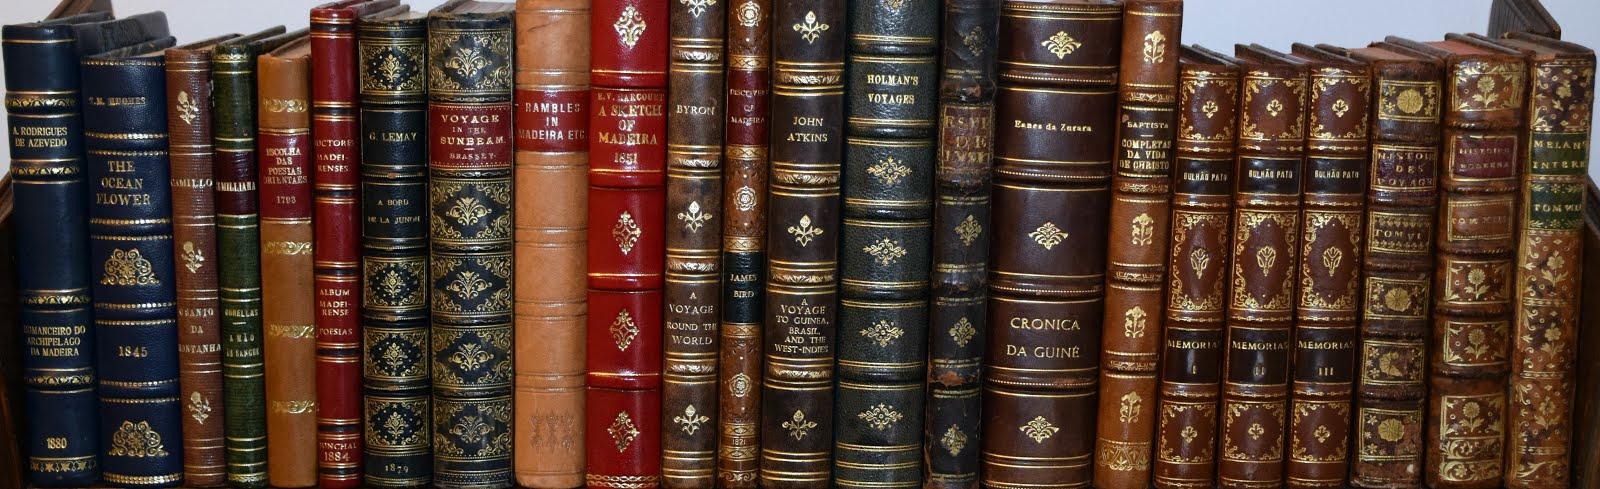 Livraria Alfarrabista do Funchal